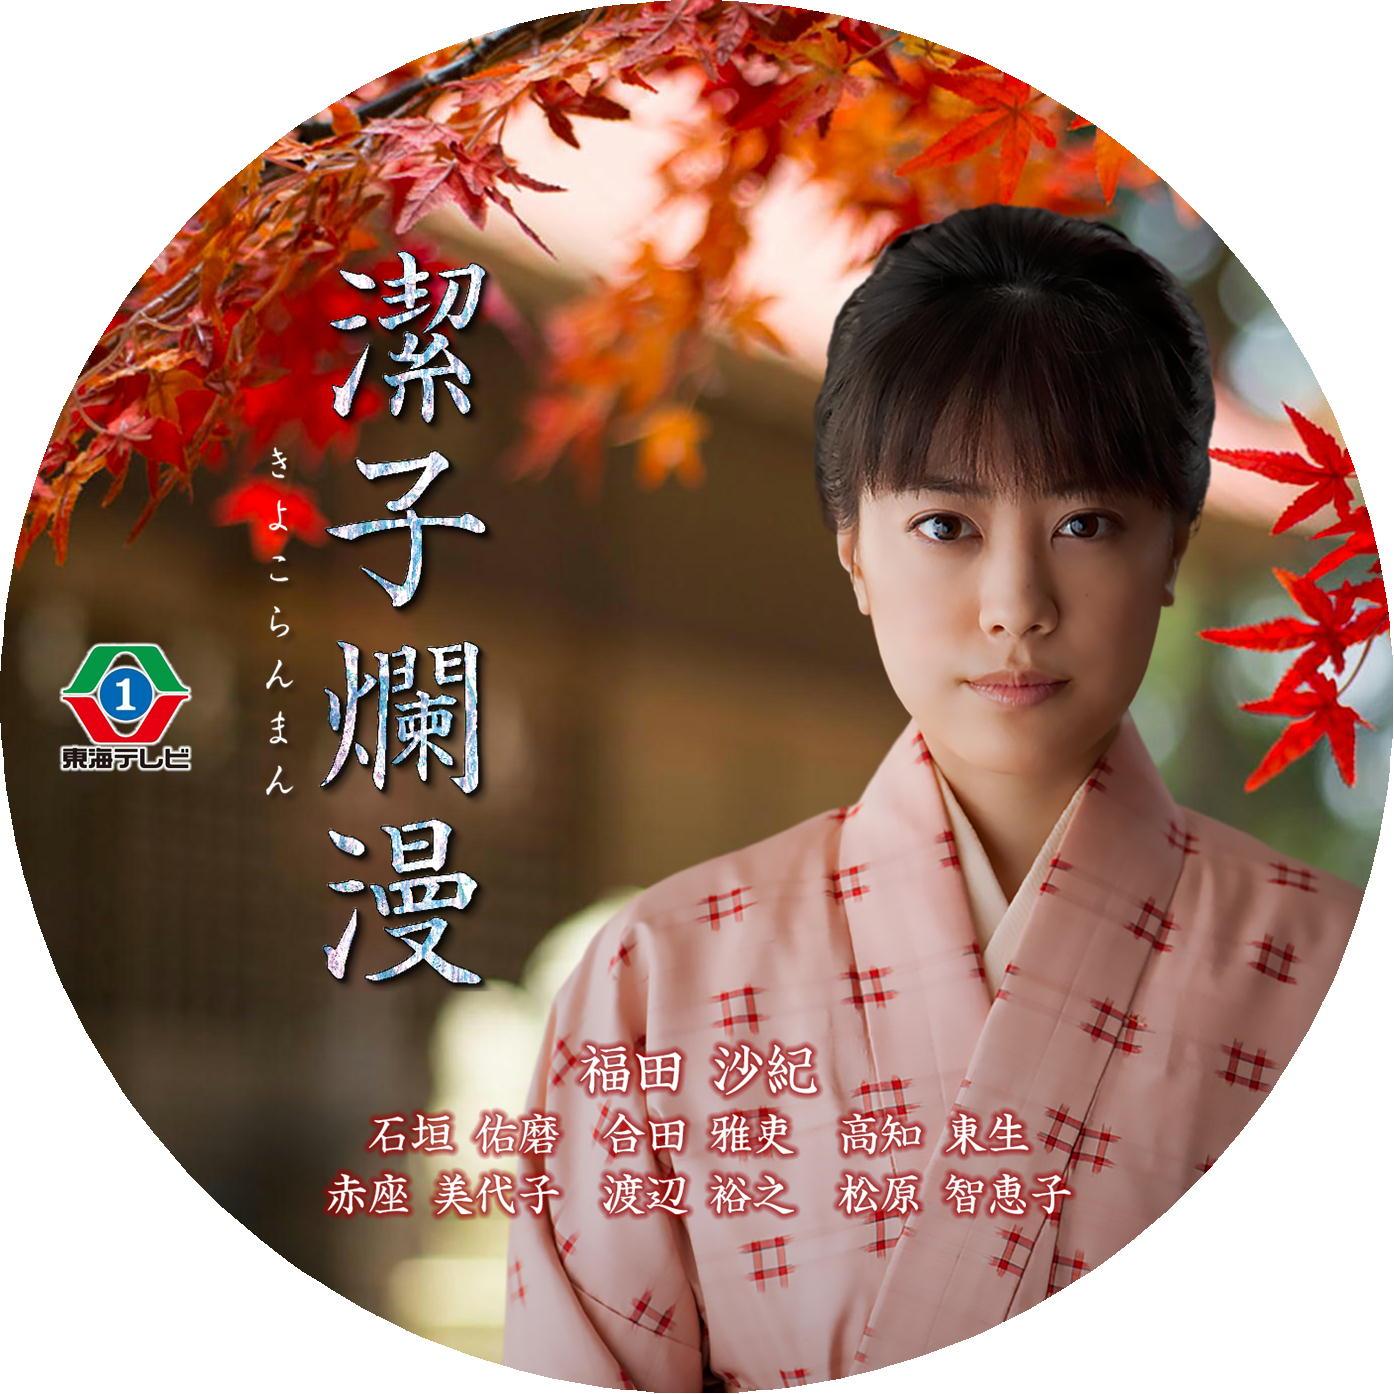 福田沙紀 DVDラベル